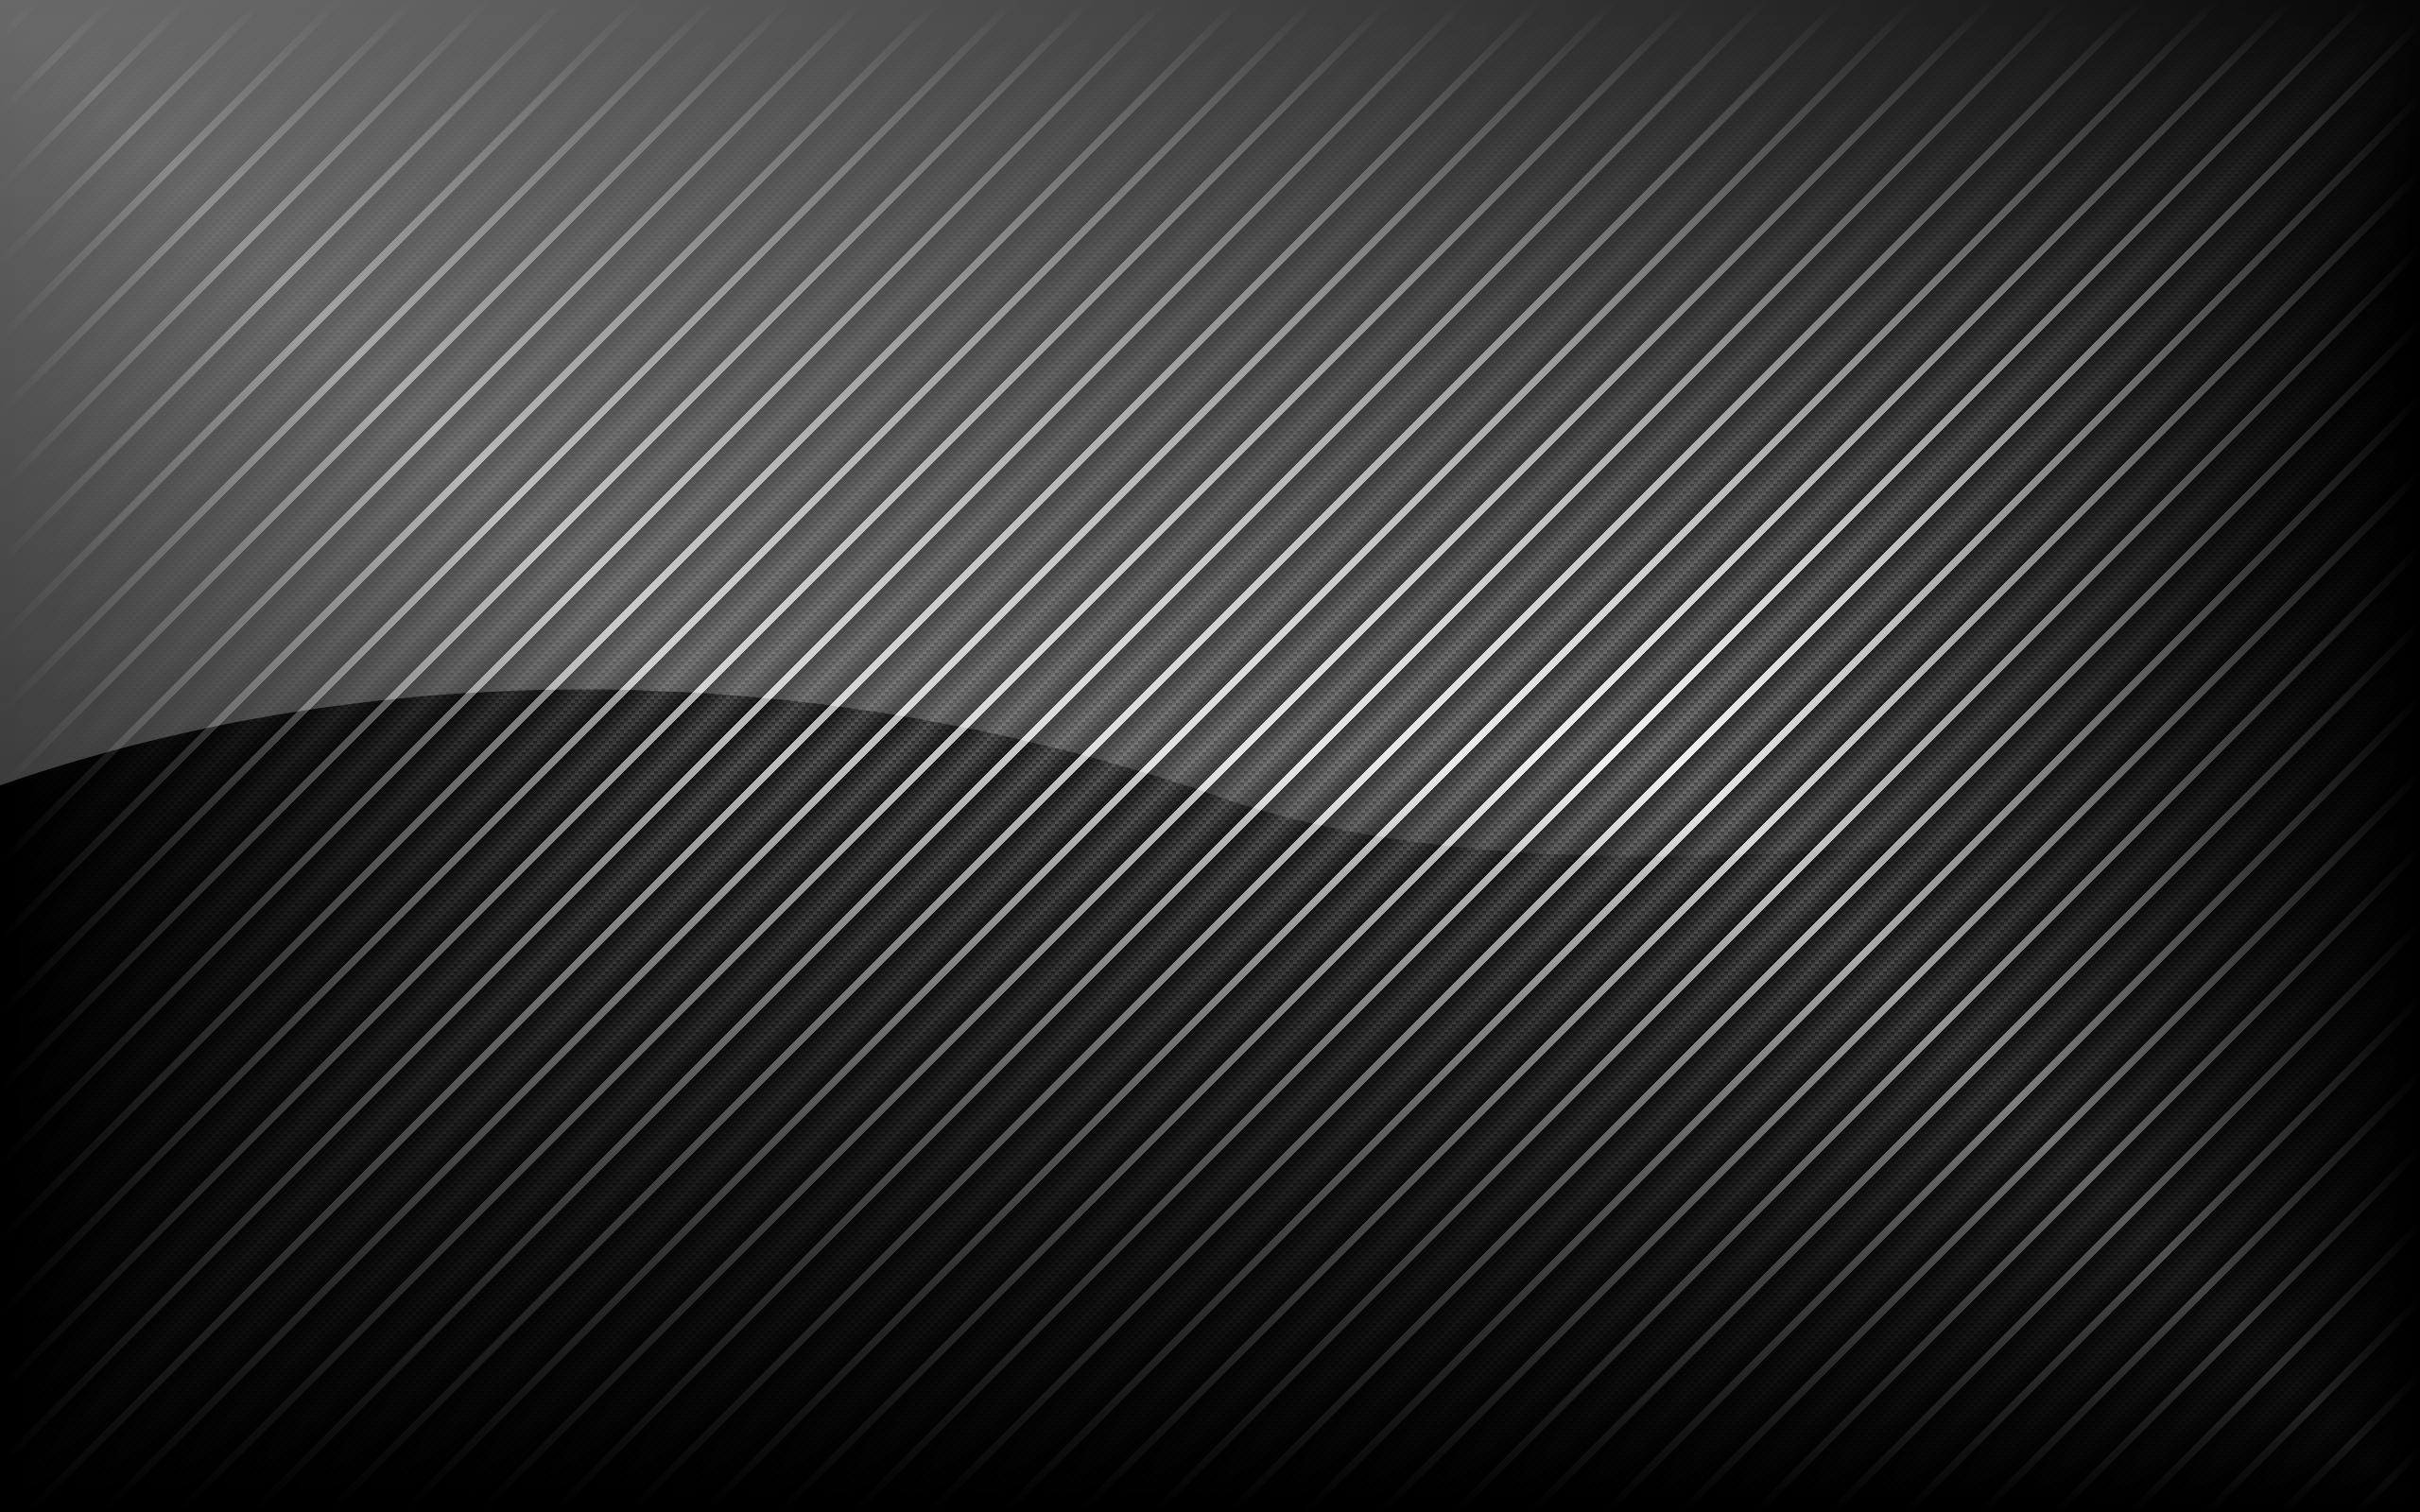 Carbon Fiber Wallpapers 2560x1600